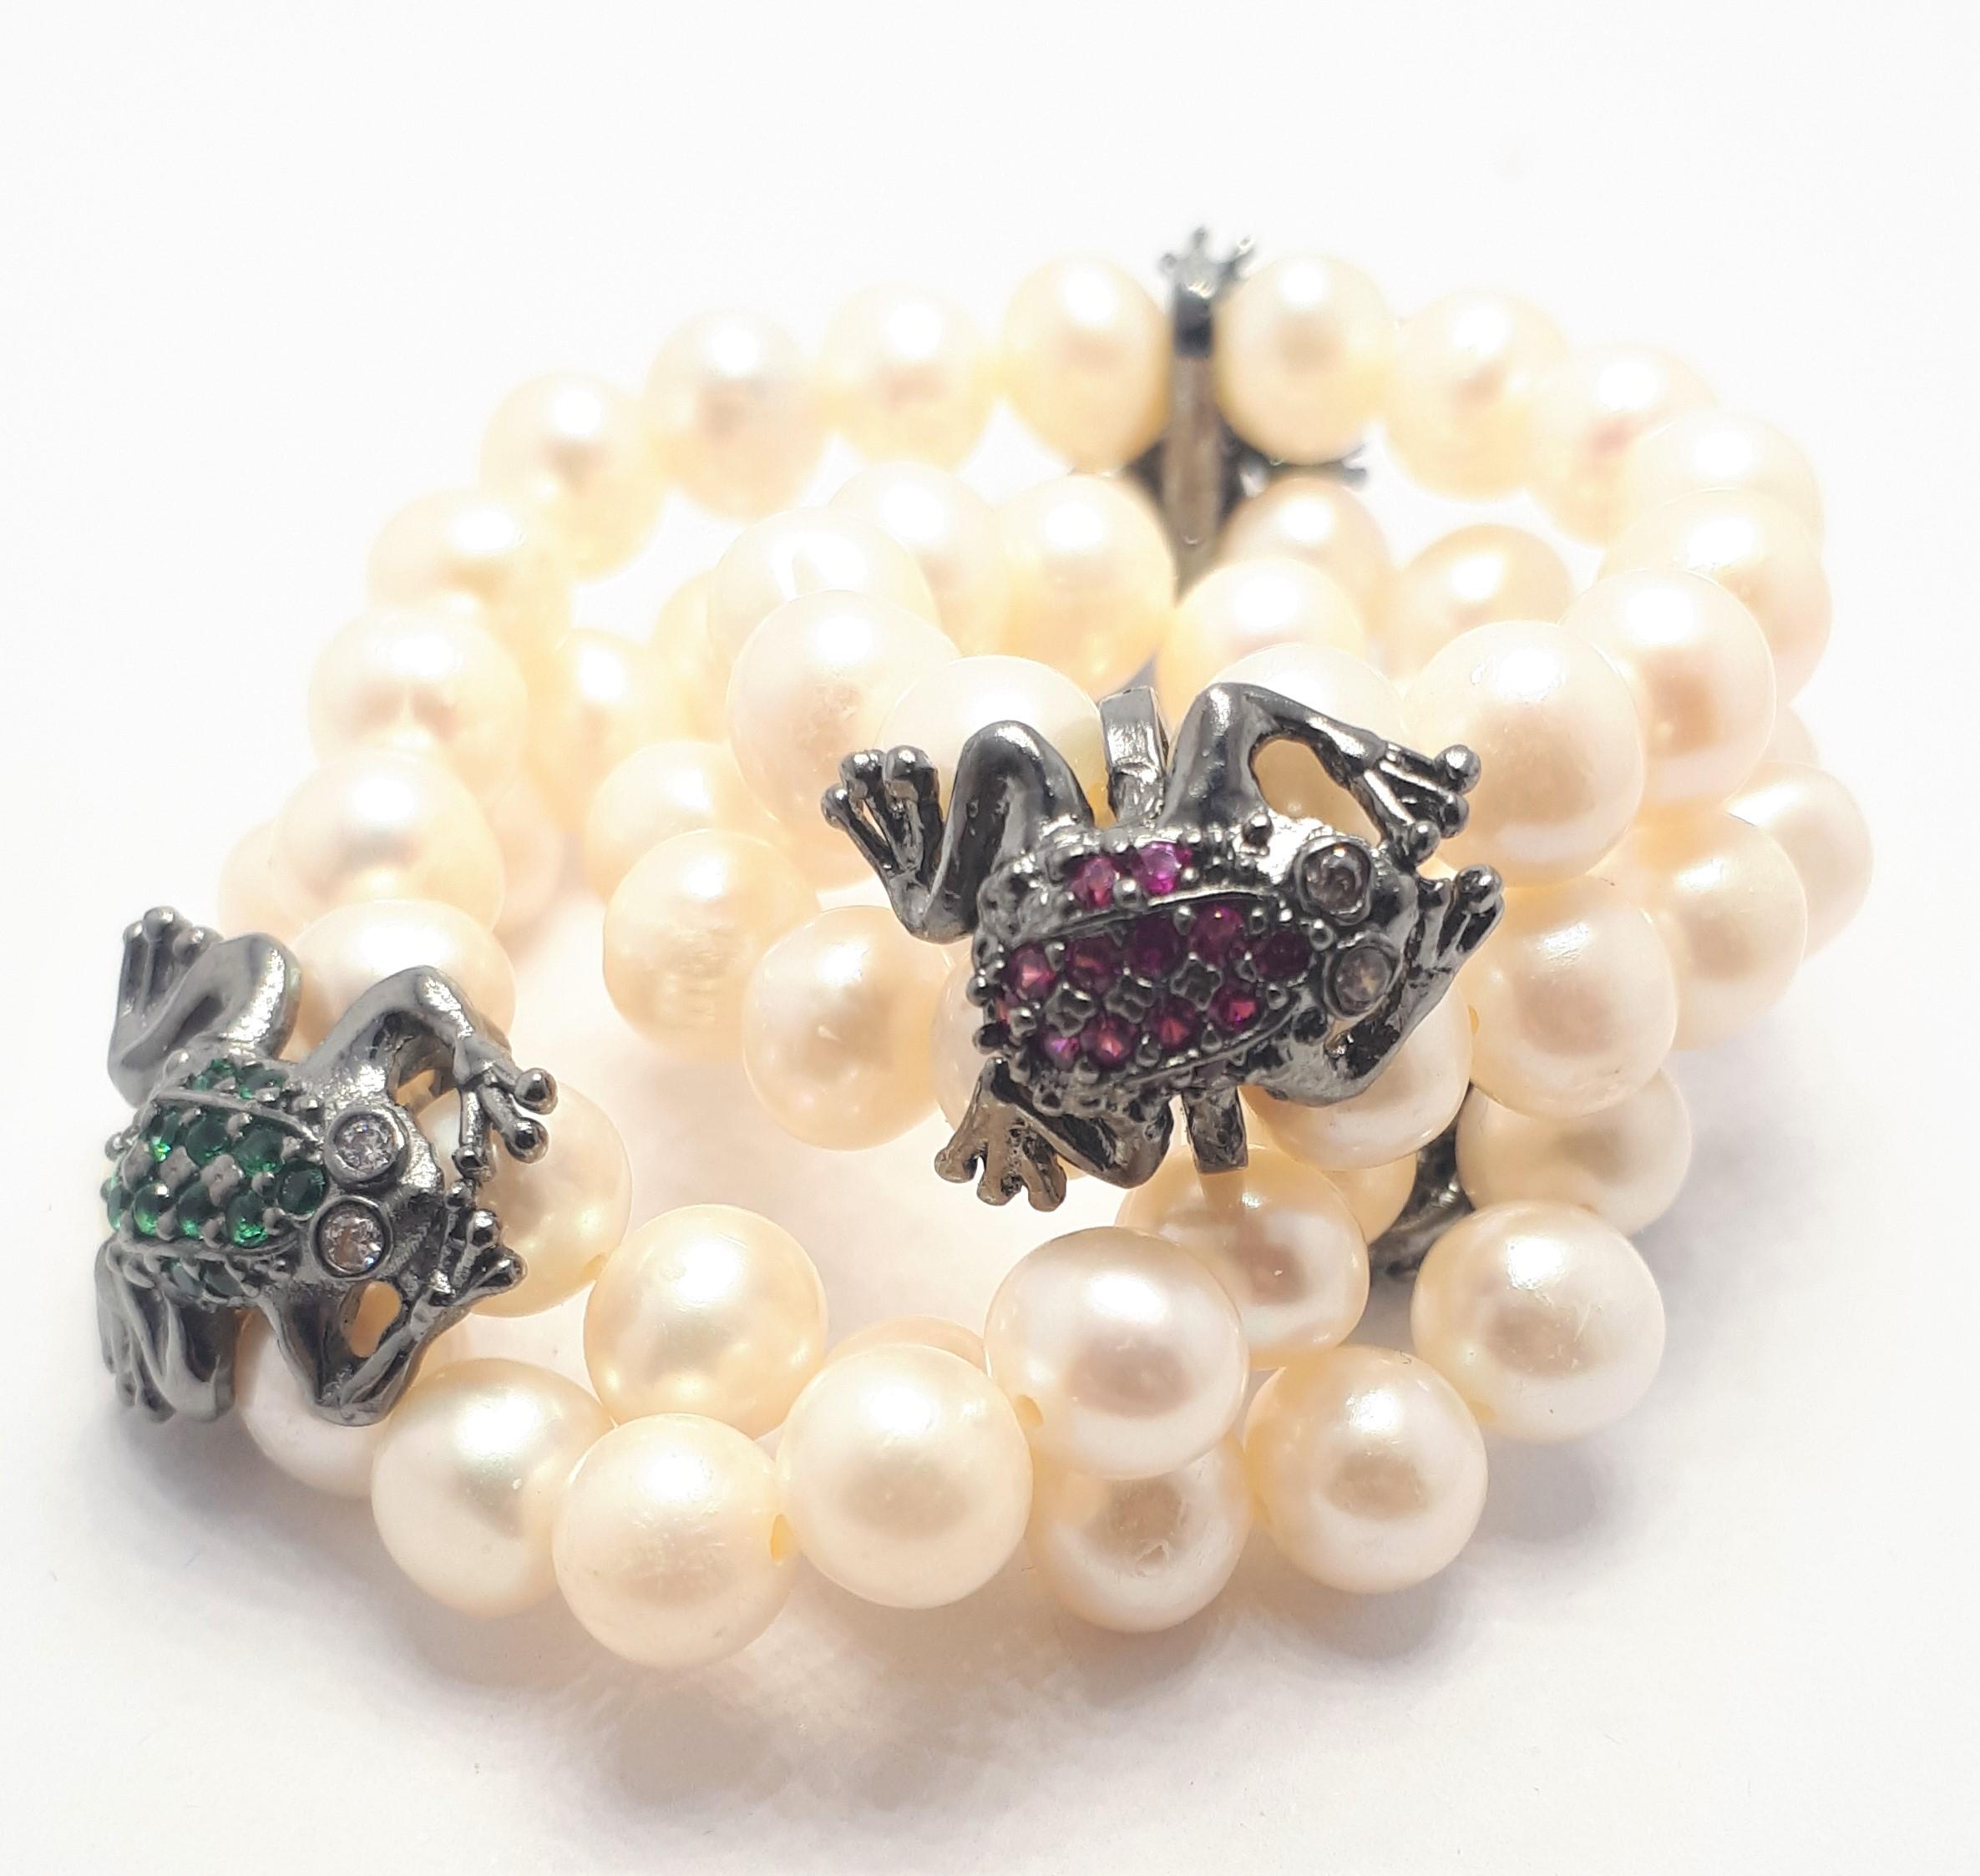 Bracciale con Perle e animali in Argento 925 Brunito con Pietre Multicolor - Giampiero Fiorini